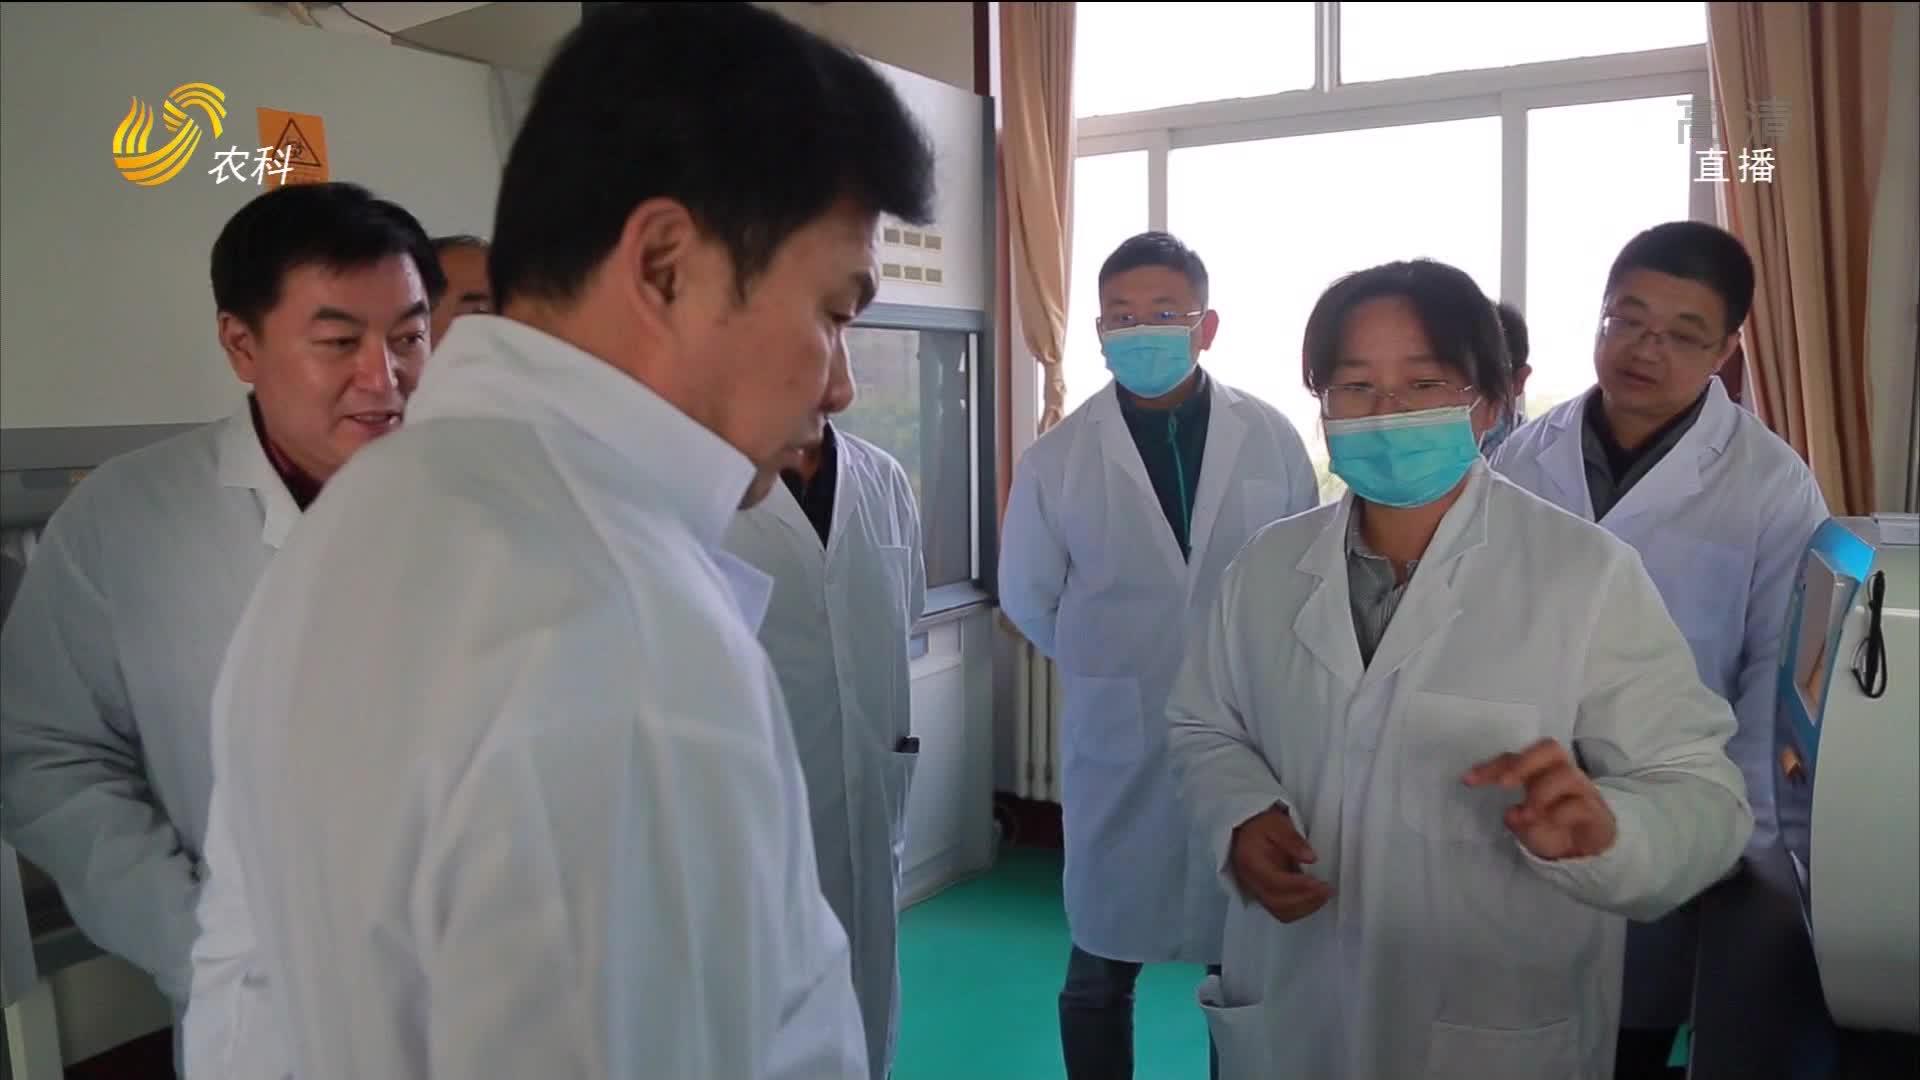 【齐鲁畜牧】日照:村级动物防疫员改革 走在全国前列